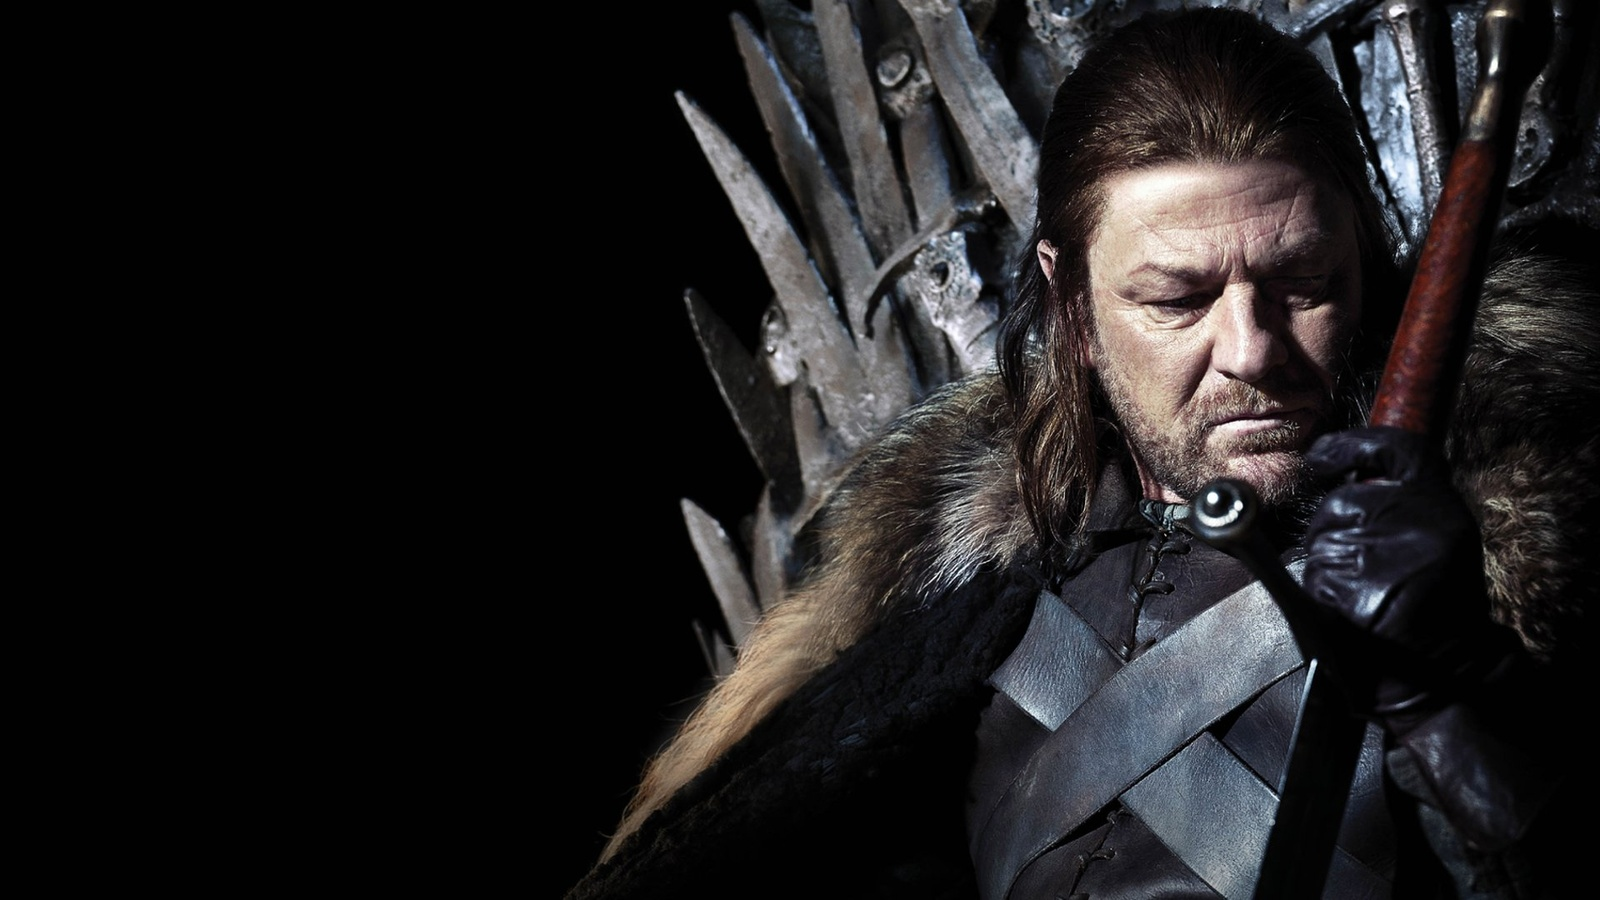 На рен тв игра престолов 1 сезон онлайн